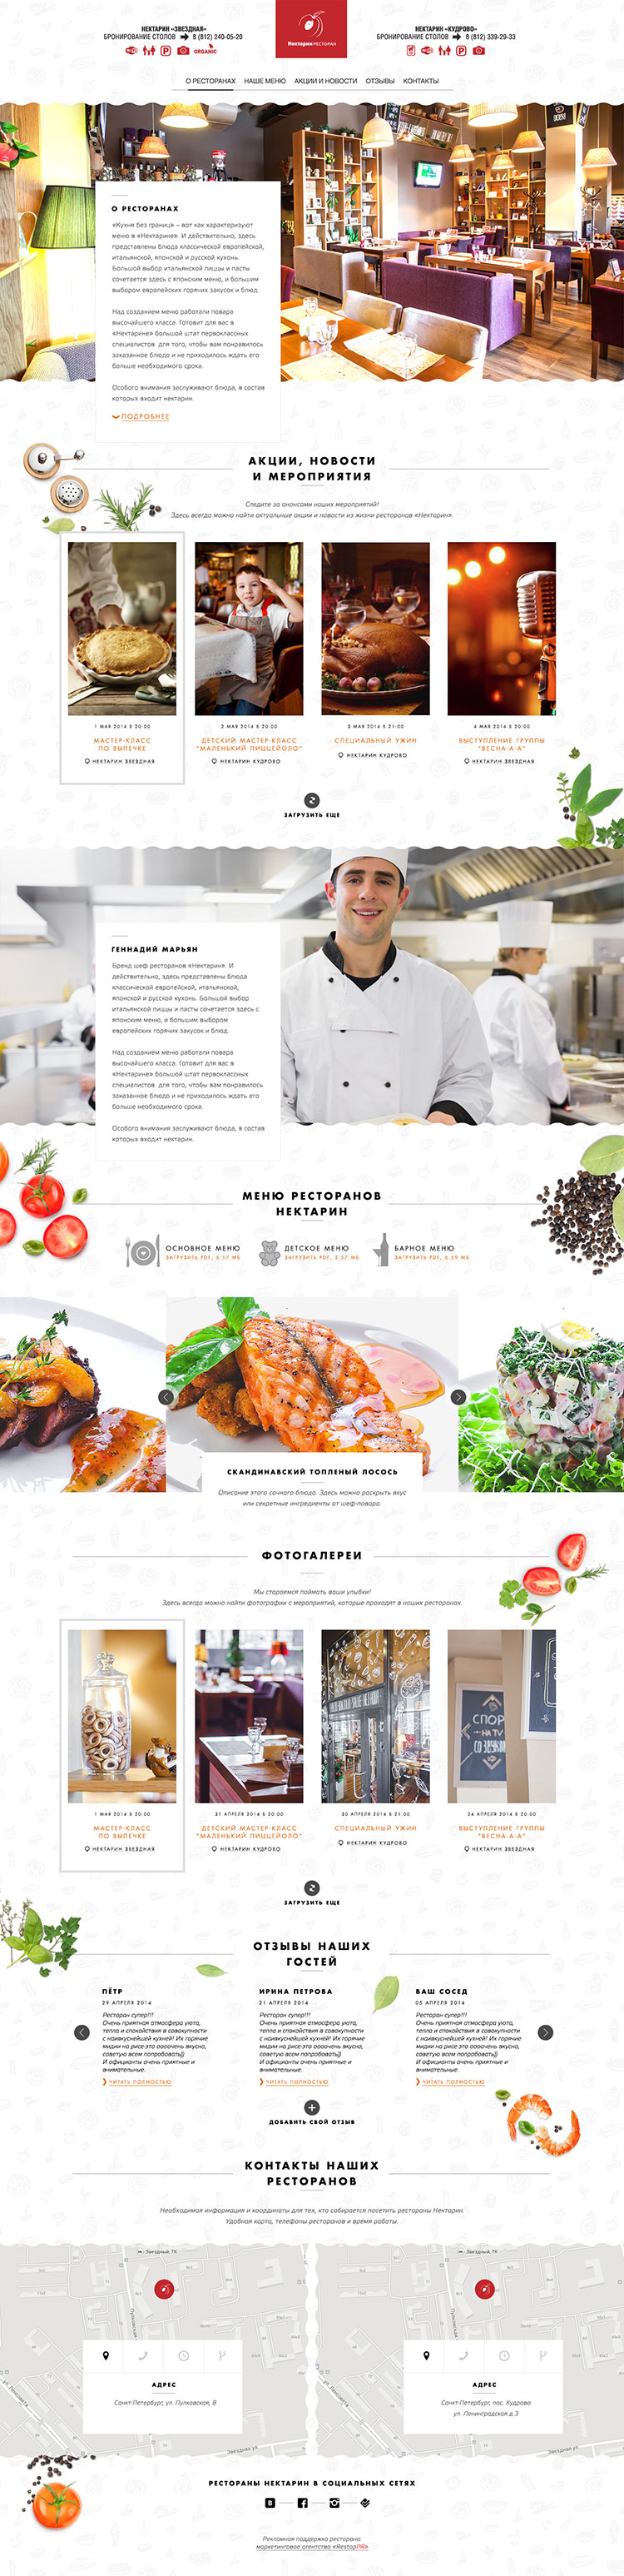 Сайт ресторанов Нектарин